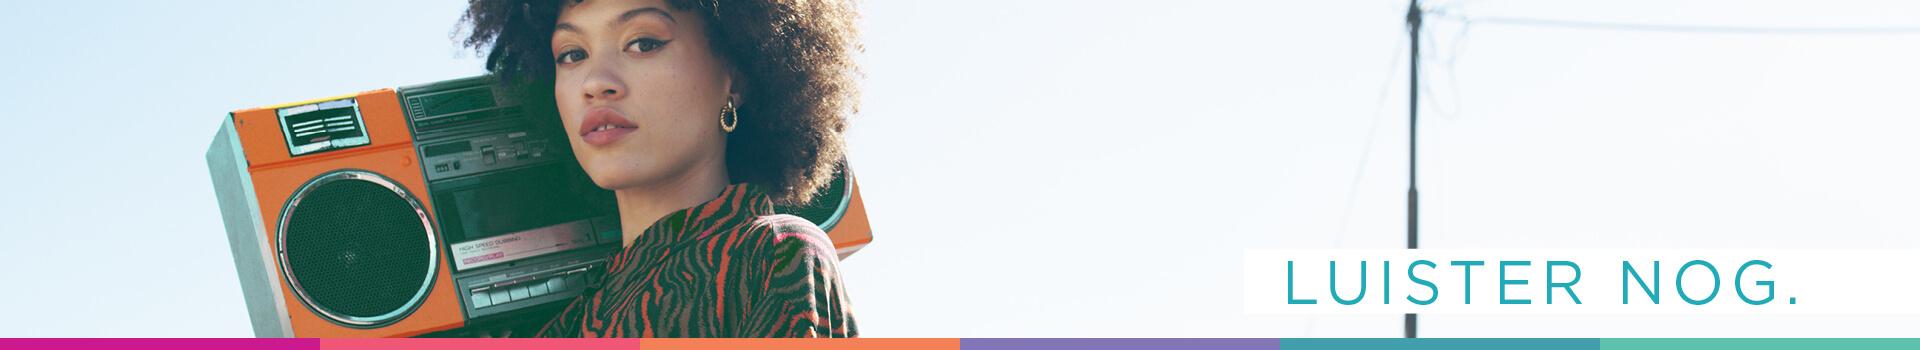 Afrikaans.com Luister Nog